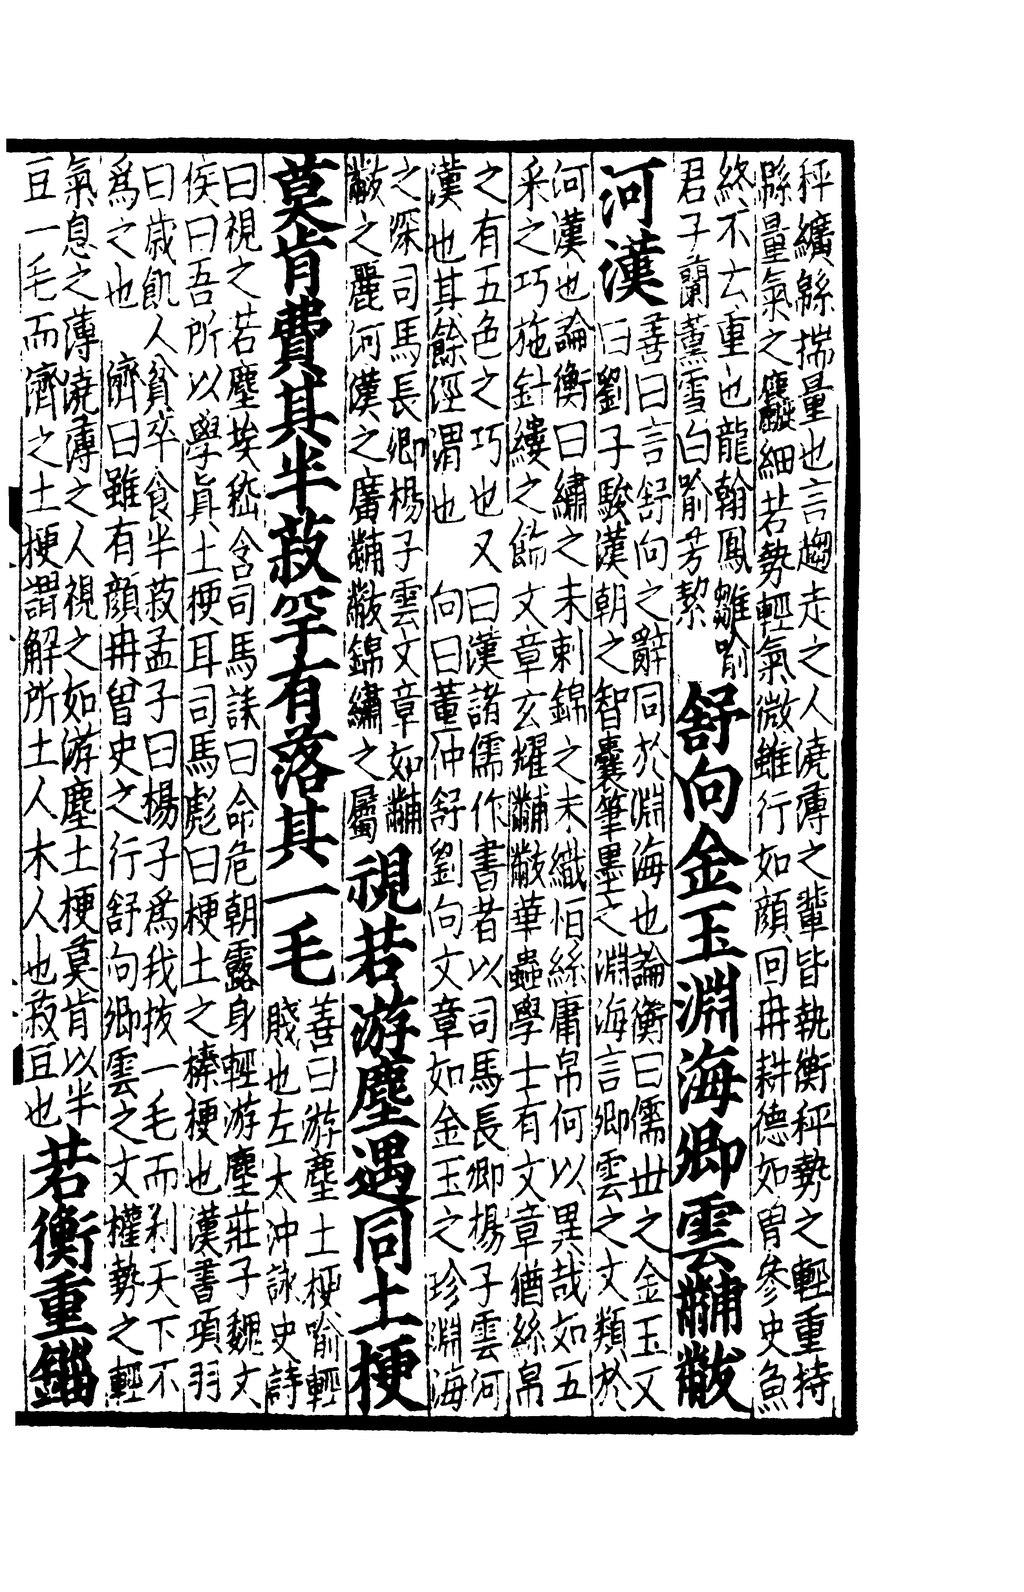 页面 Sibu Congkan1921 萧统 六臣注文选 30 28 Djvu 22 维基文库